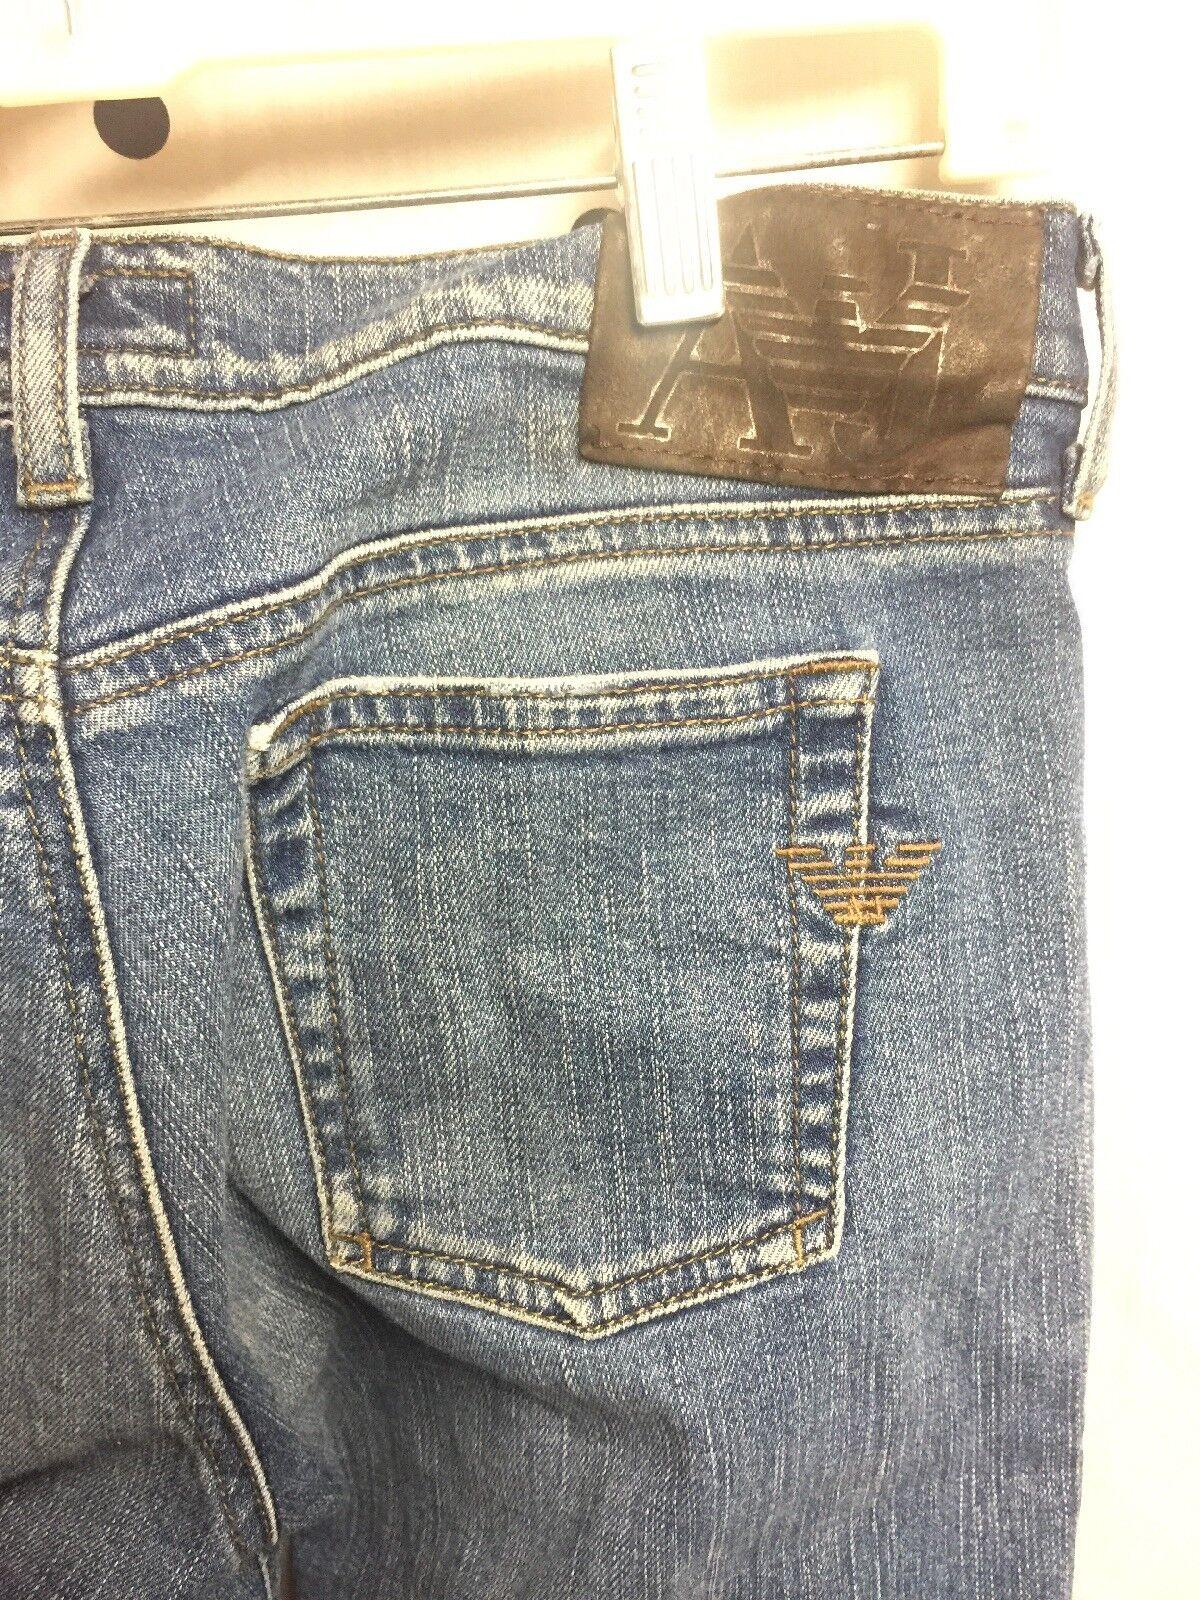 Armani Jeans AJ Women's Comfort Fit Straight Leg 28x31